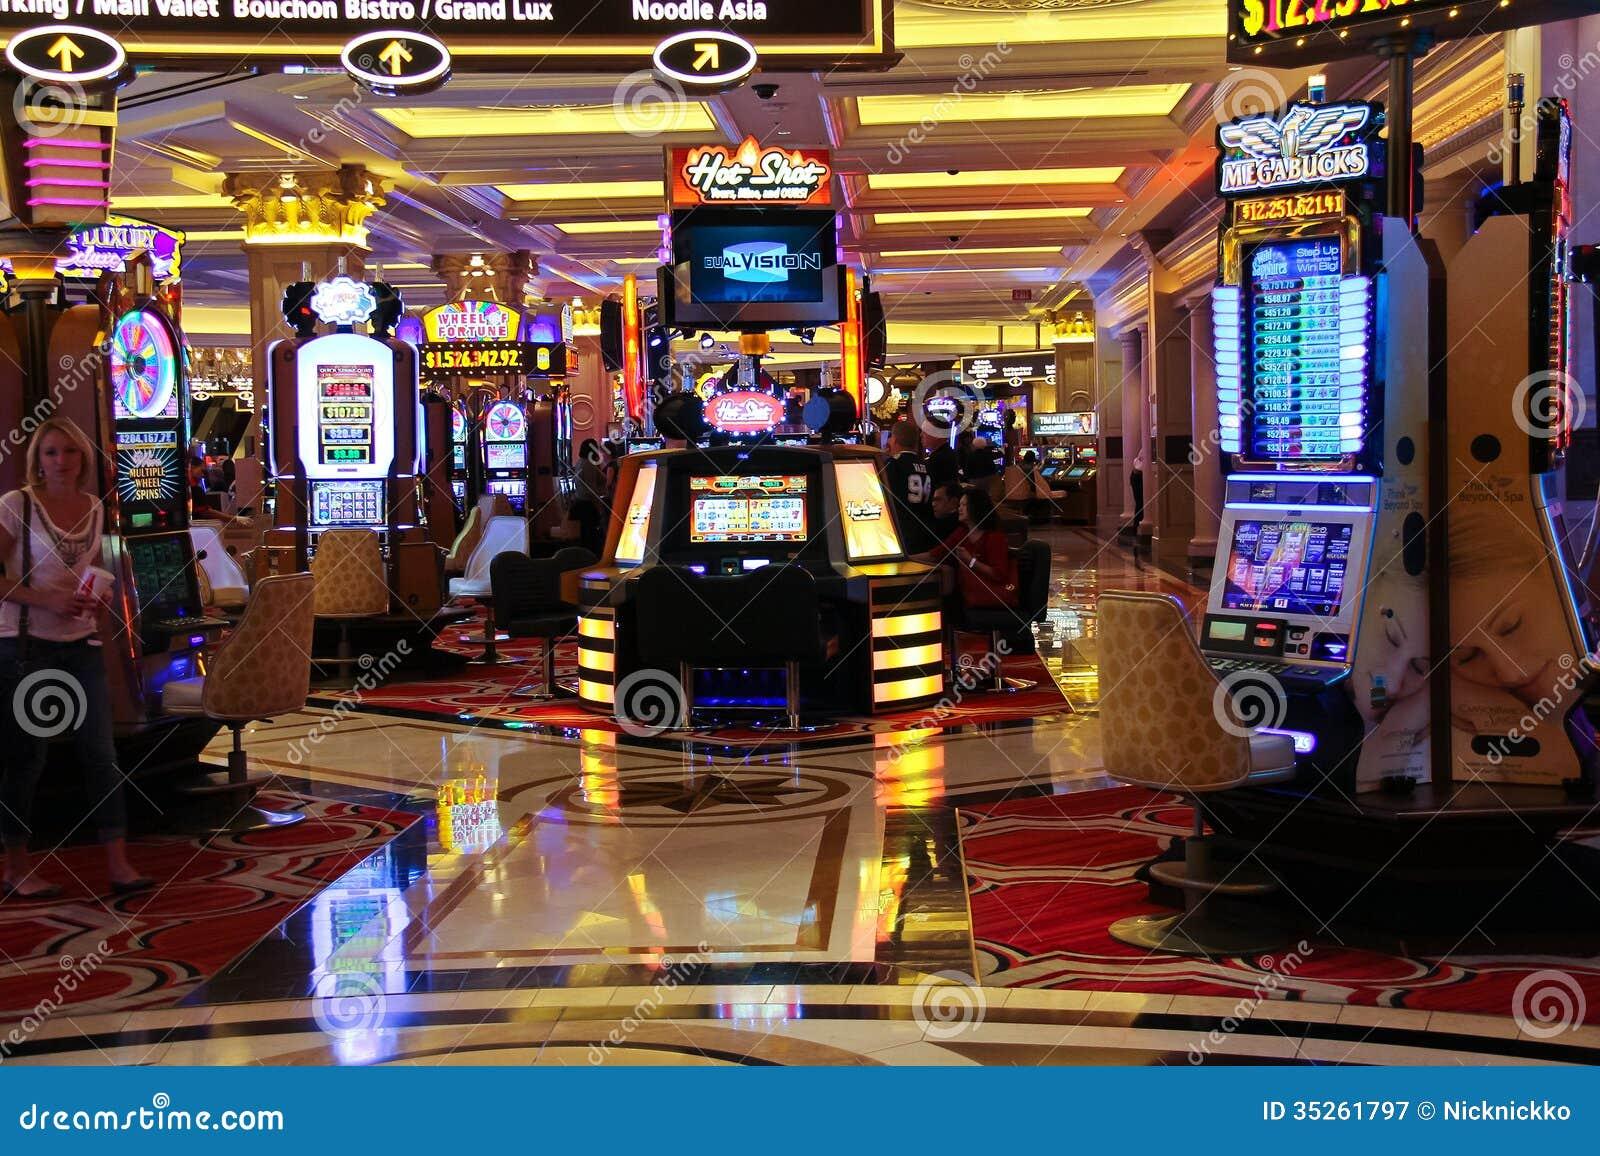 ... Shopper: Mad King Slots Machines - FREE Las Vegas Casino Games (Games